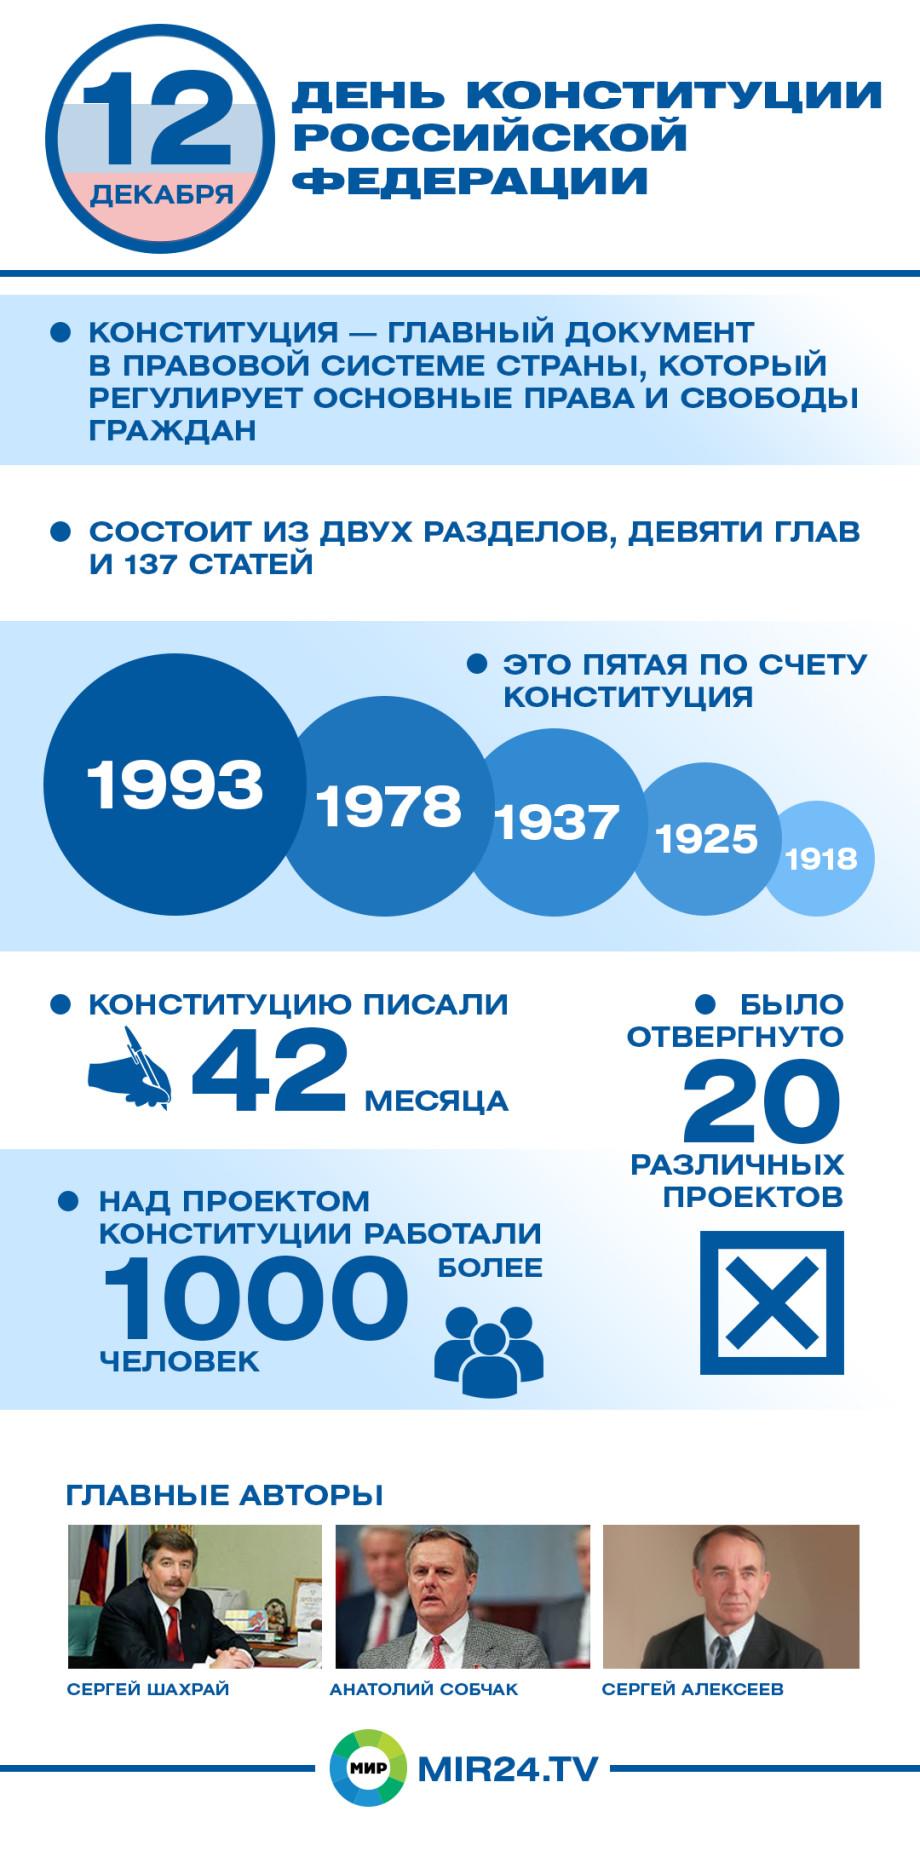 Главный документ государства: в России отмечают День Конституции. ИНФОГРАФИКА